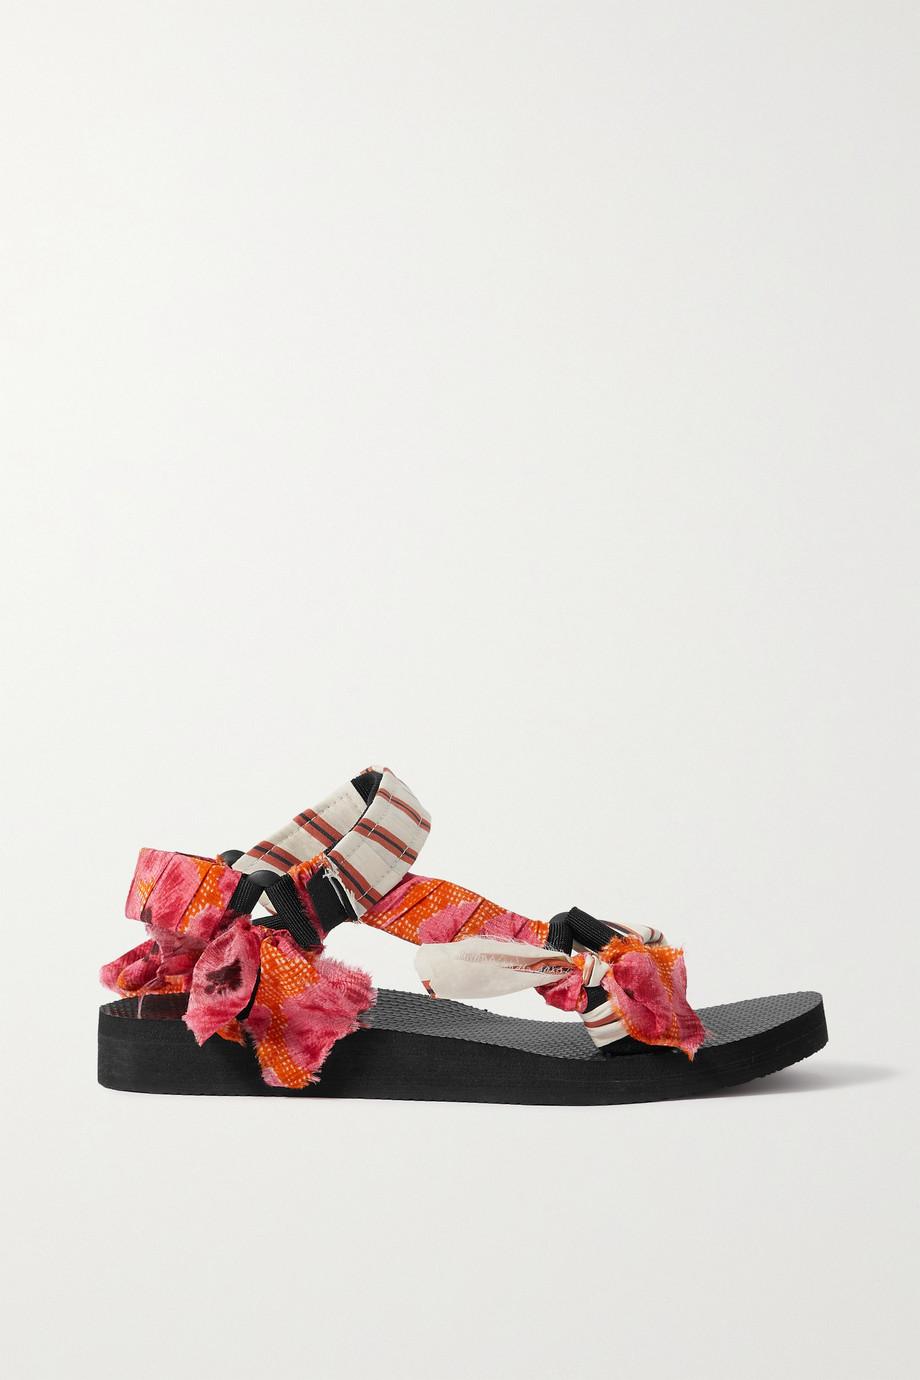 Arizona Love Sandales en coton, gaze et toile imprimées Trekky x Jason Wu